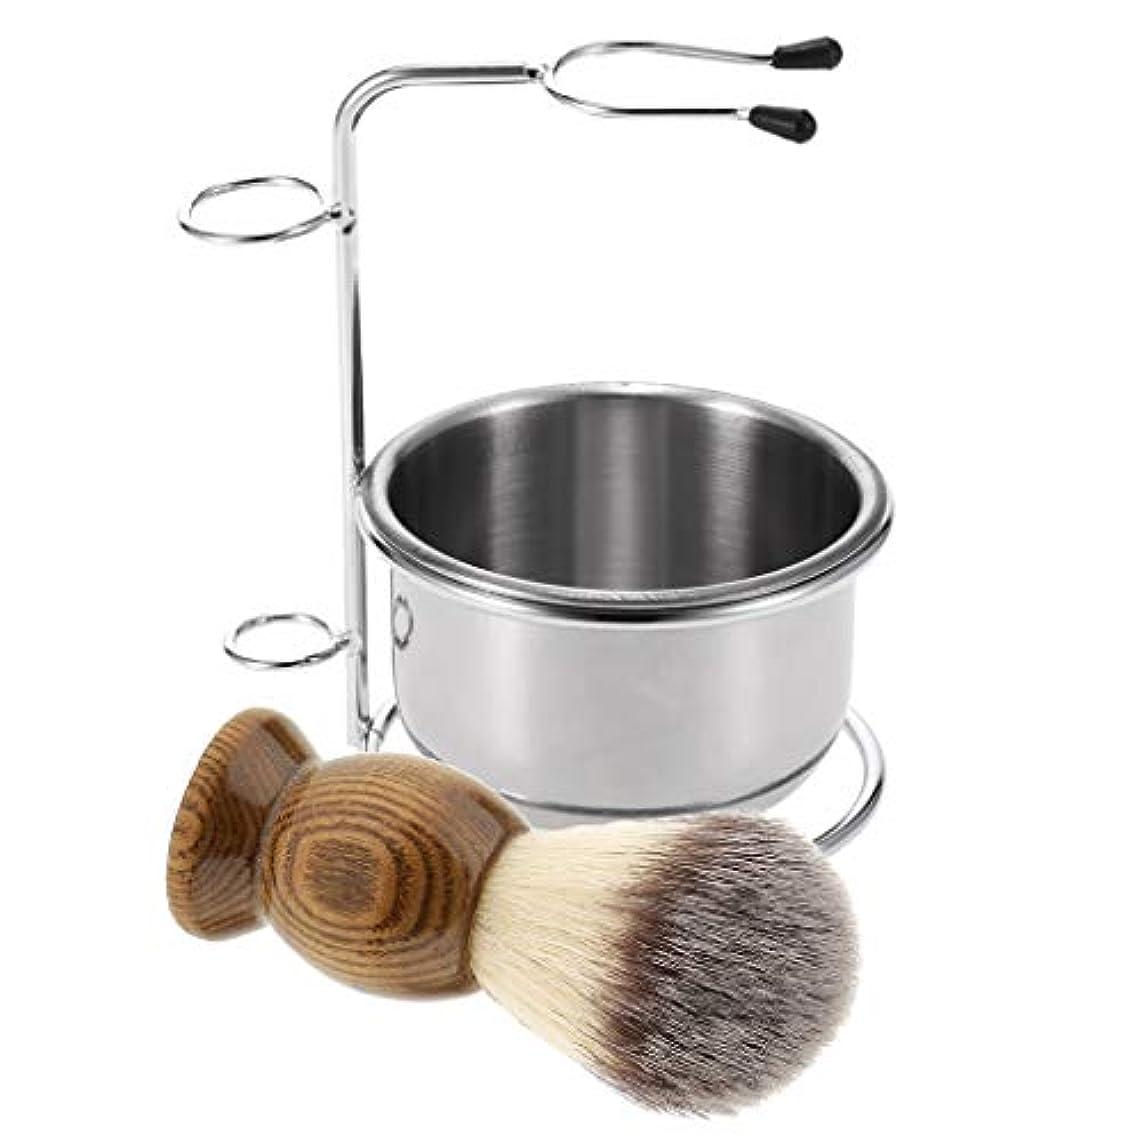 花嫁推進、動かす葉sharprepublic ブラシホルダー サロン 髭剃り シェービングキット 金属製ボウル シェービングブラシ 実用性